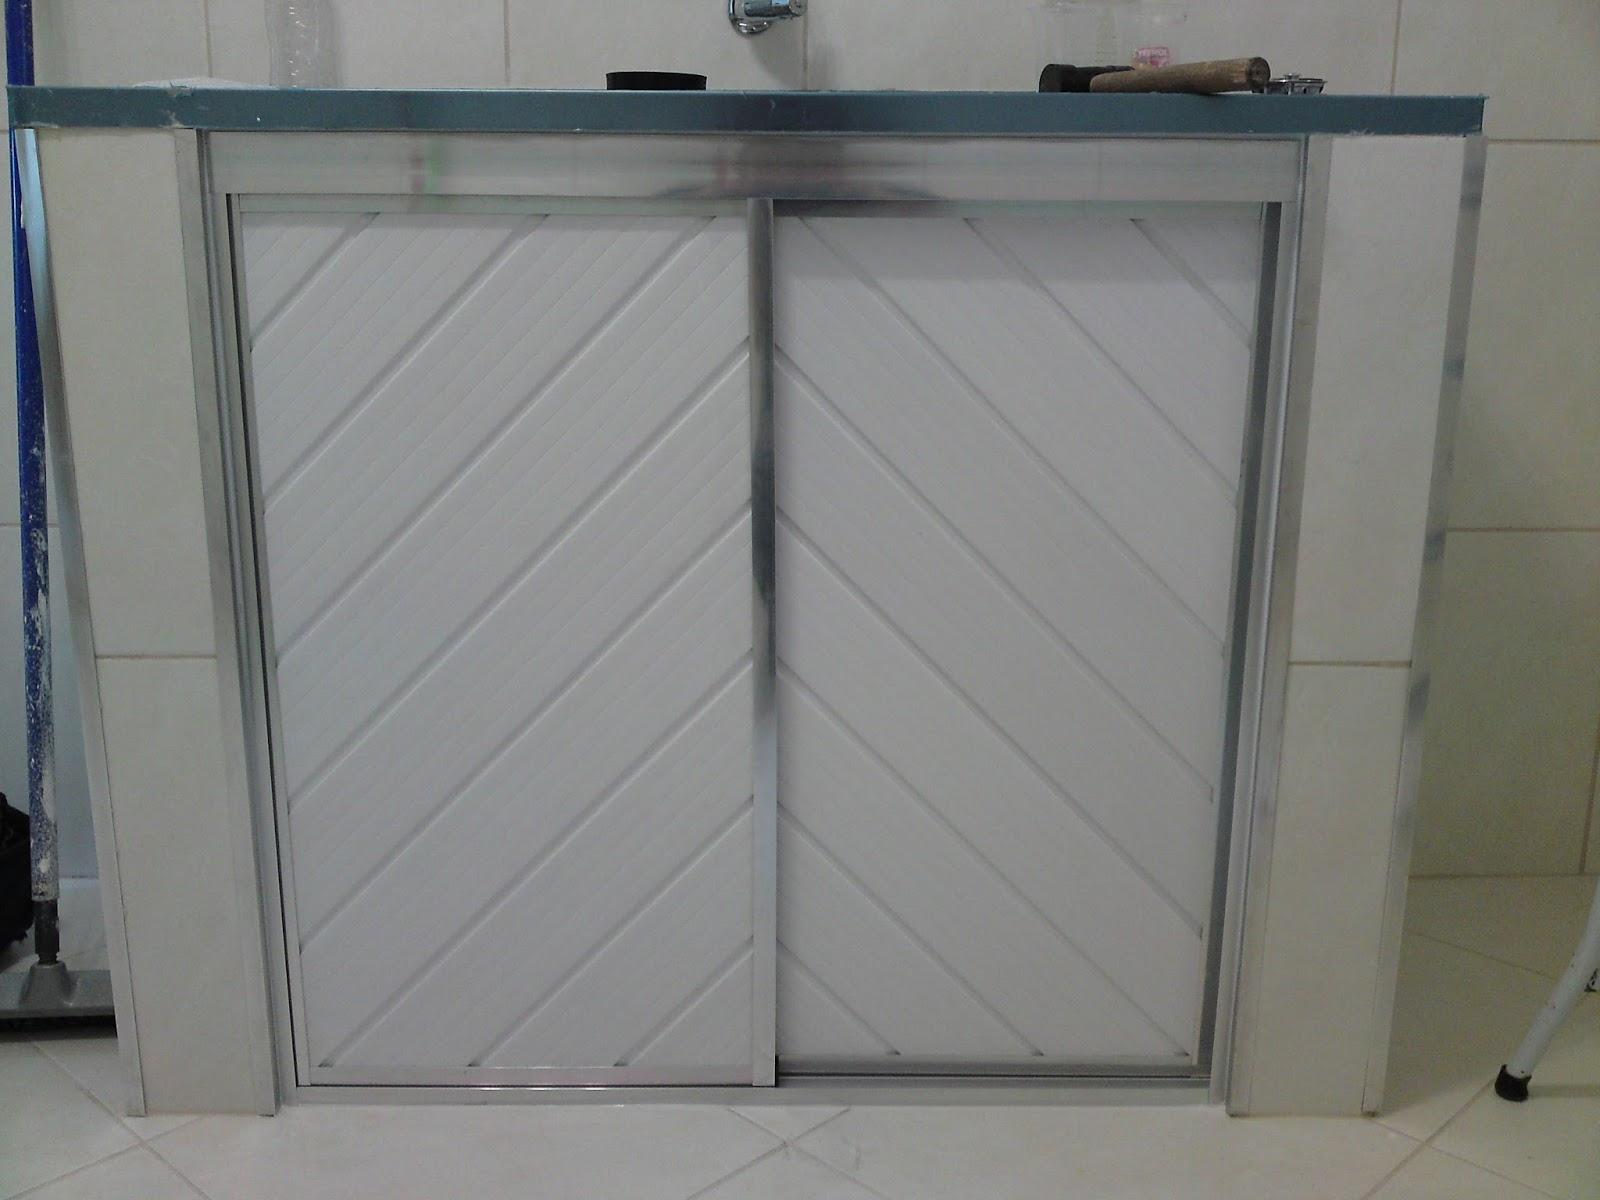 #486F83  de pia em PVC com alumínio ou Porta de alumínio em PVC (Metal Mari 672 Janelas Pvc Ou Aluminium